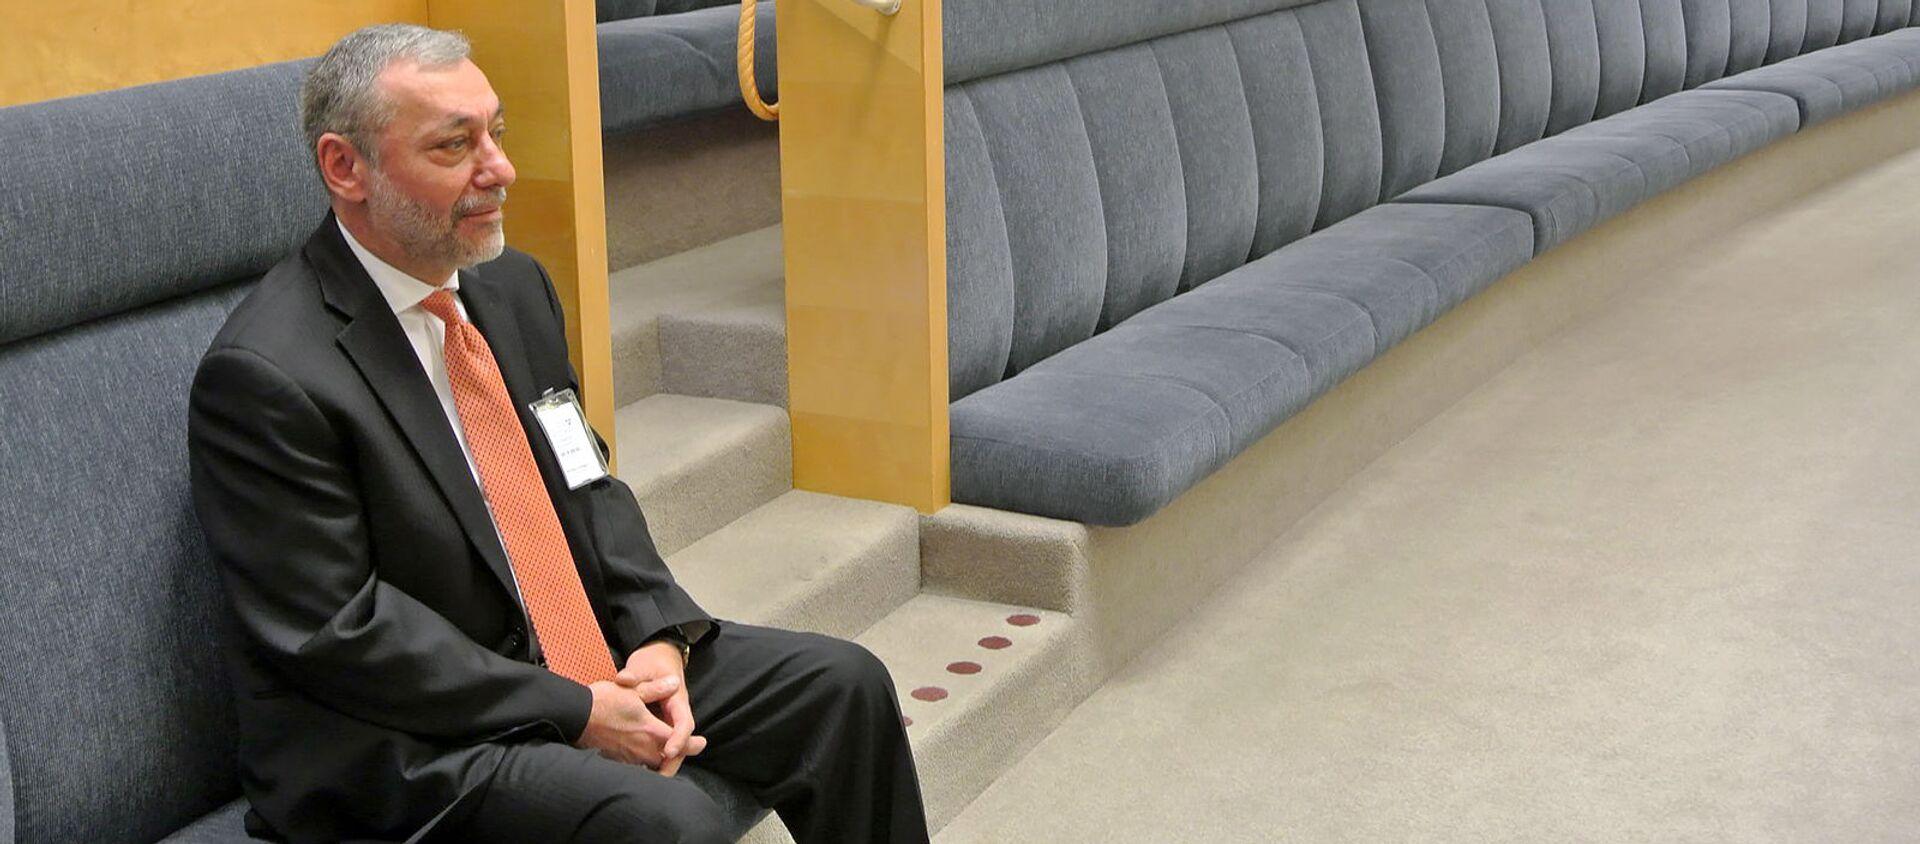 Посол Армении в Швеции Александр Арзуманян на заседании Рискдага по вопросу ратификации Соглашения о всеобъемлющем и расширенном партнерстве Армения-ЕС (2 мая 2019). Стокгольм - Sputnik Արմենիա, 1920, 31.08.2021